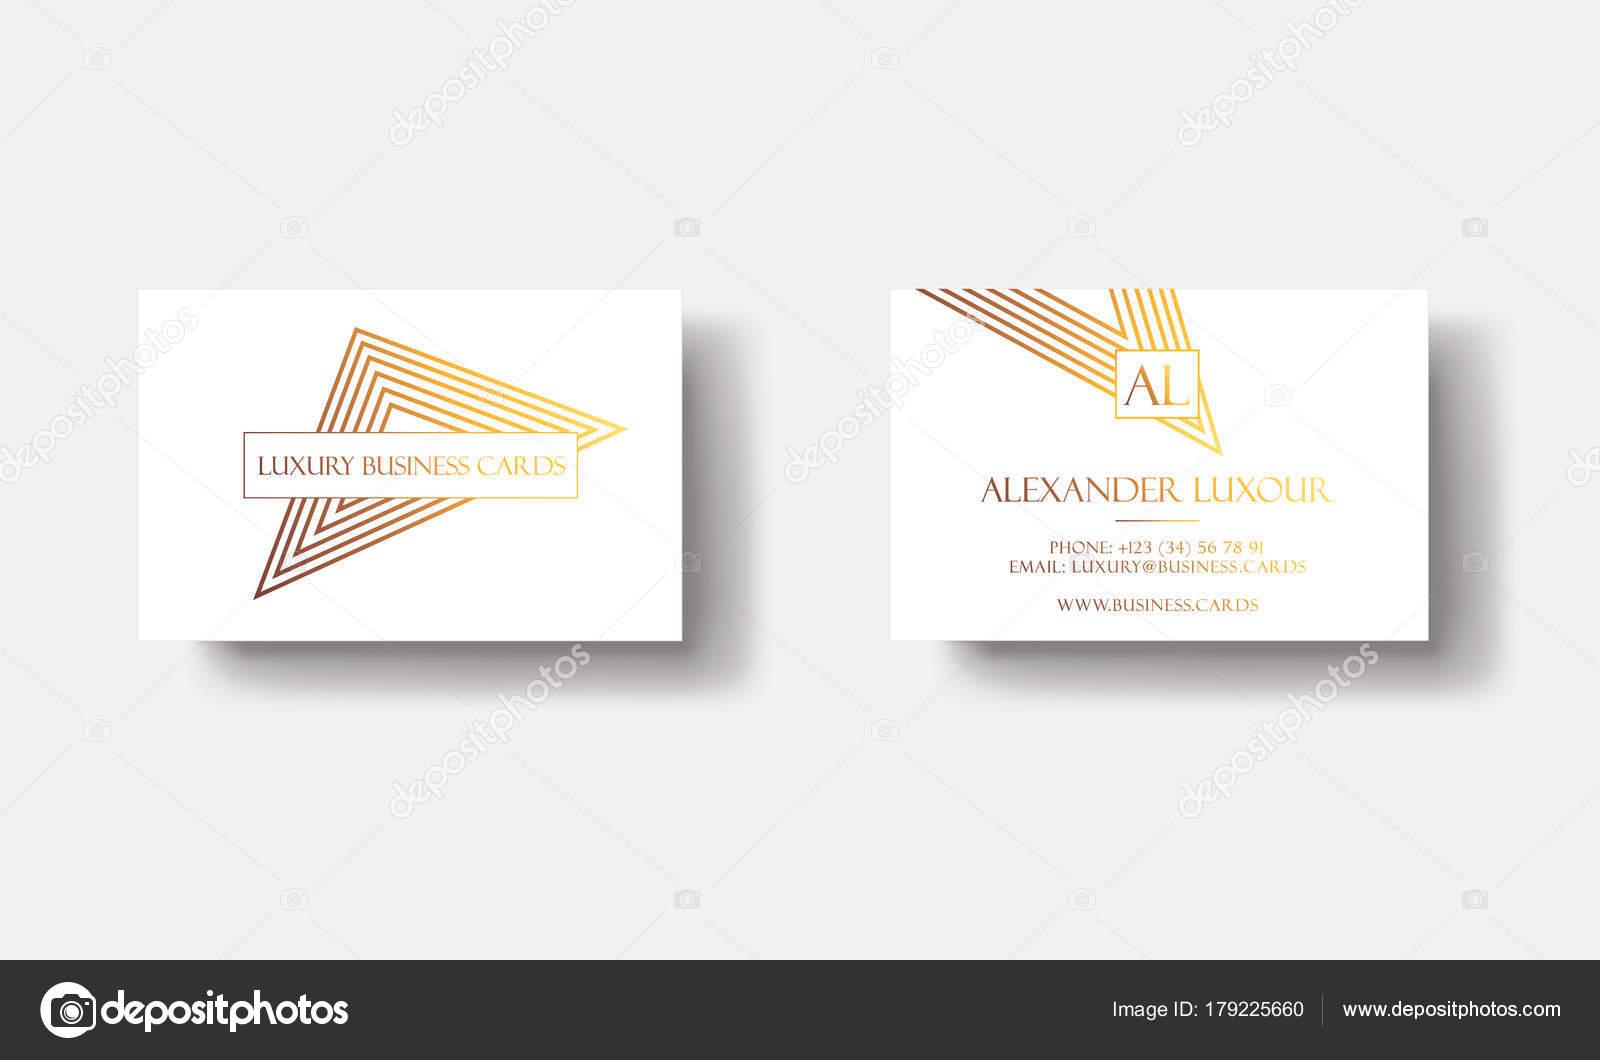 Cartes De Visite Or Blanc Luxe Pour Evenement Vip Elegante Carte Voeux Avec Motifs Geometriques Triangle Dore Banniere Ou Invitation Details